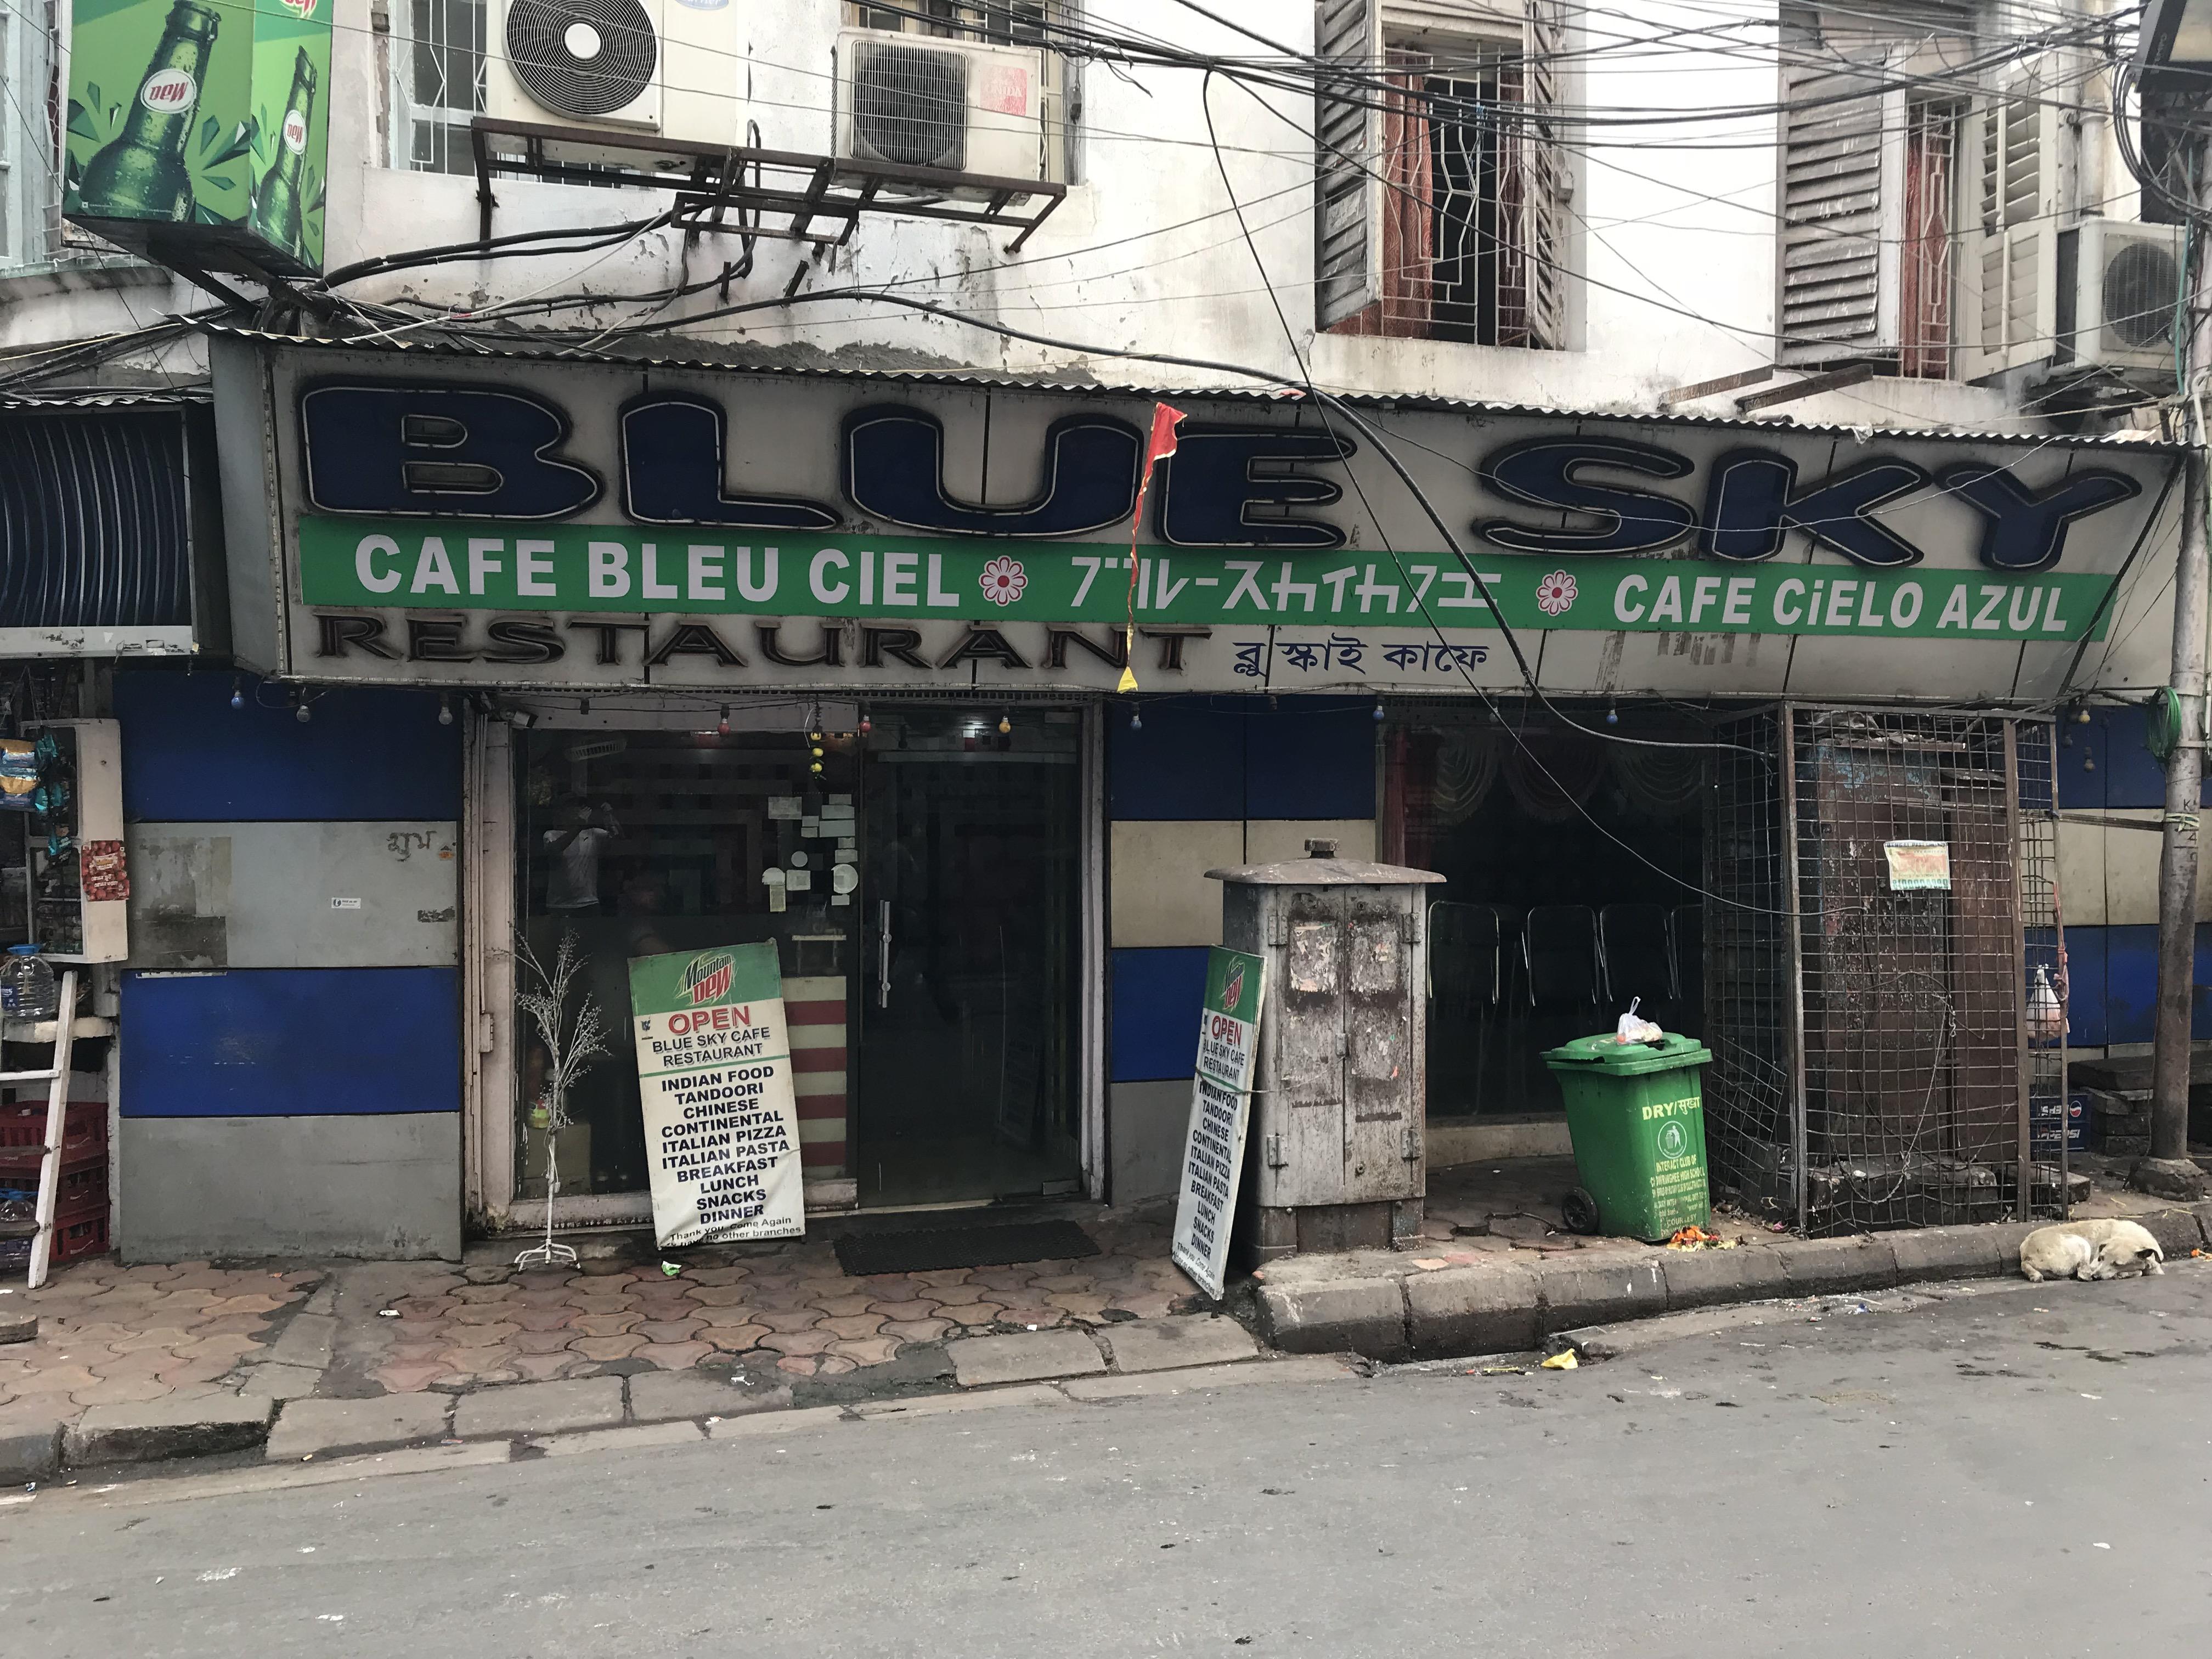 ブルースカイカフェ